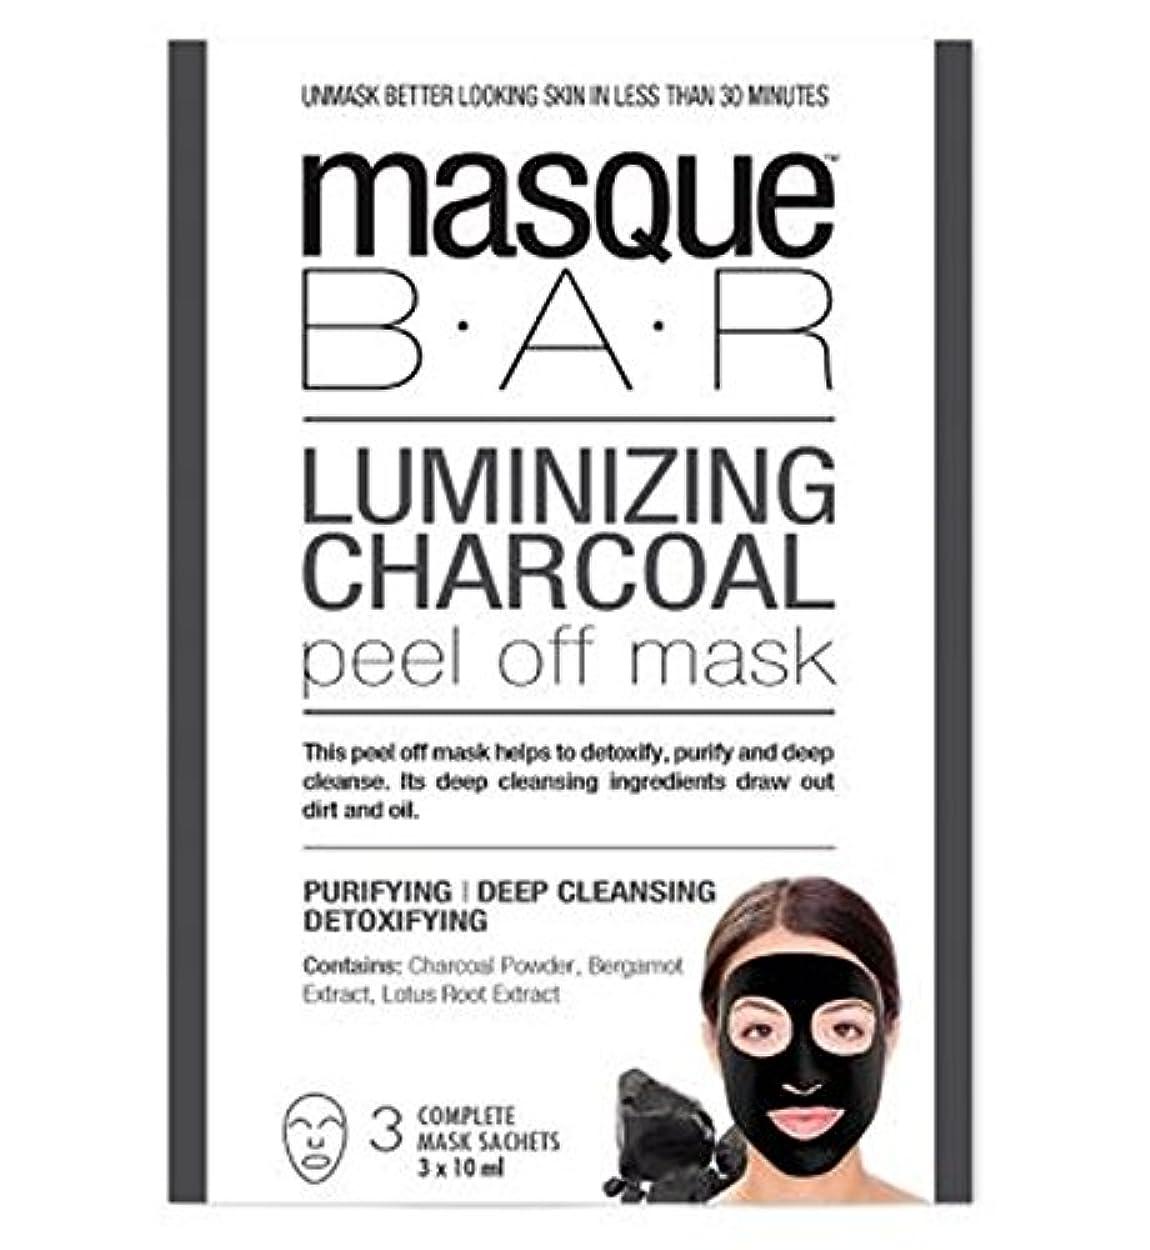 コール分泌する企業[P6B Masque Bar Bt] 仮面バーチャコールはがしマスクをルミナイジング - 3枚のマスク - Masque Bar Luminizing Charcoal Peel Off Mask - 3 Masks...